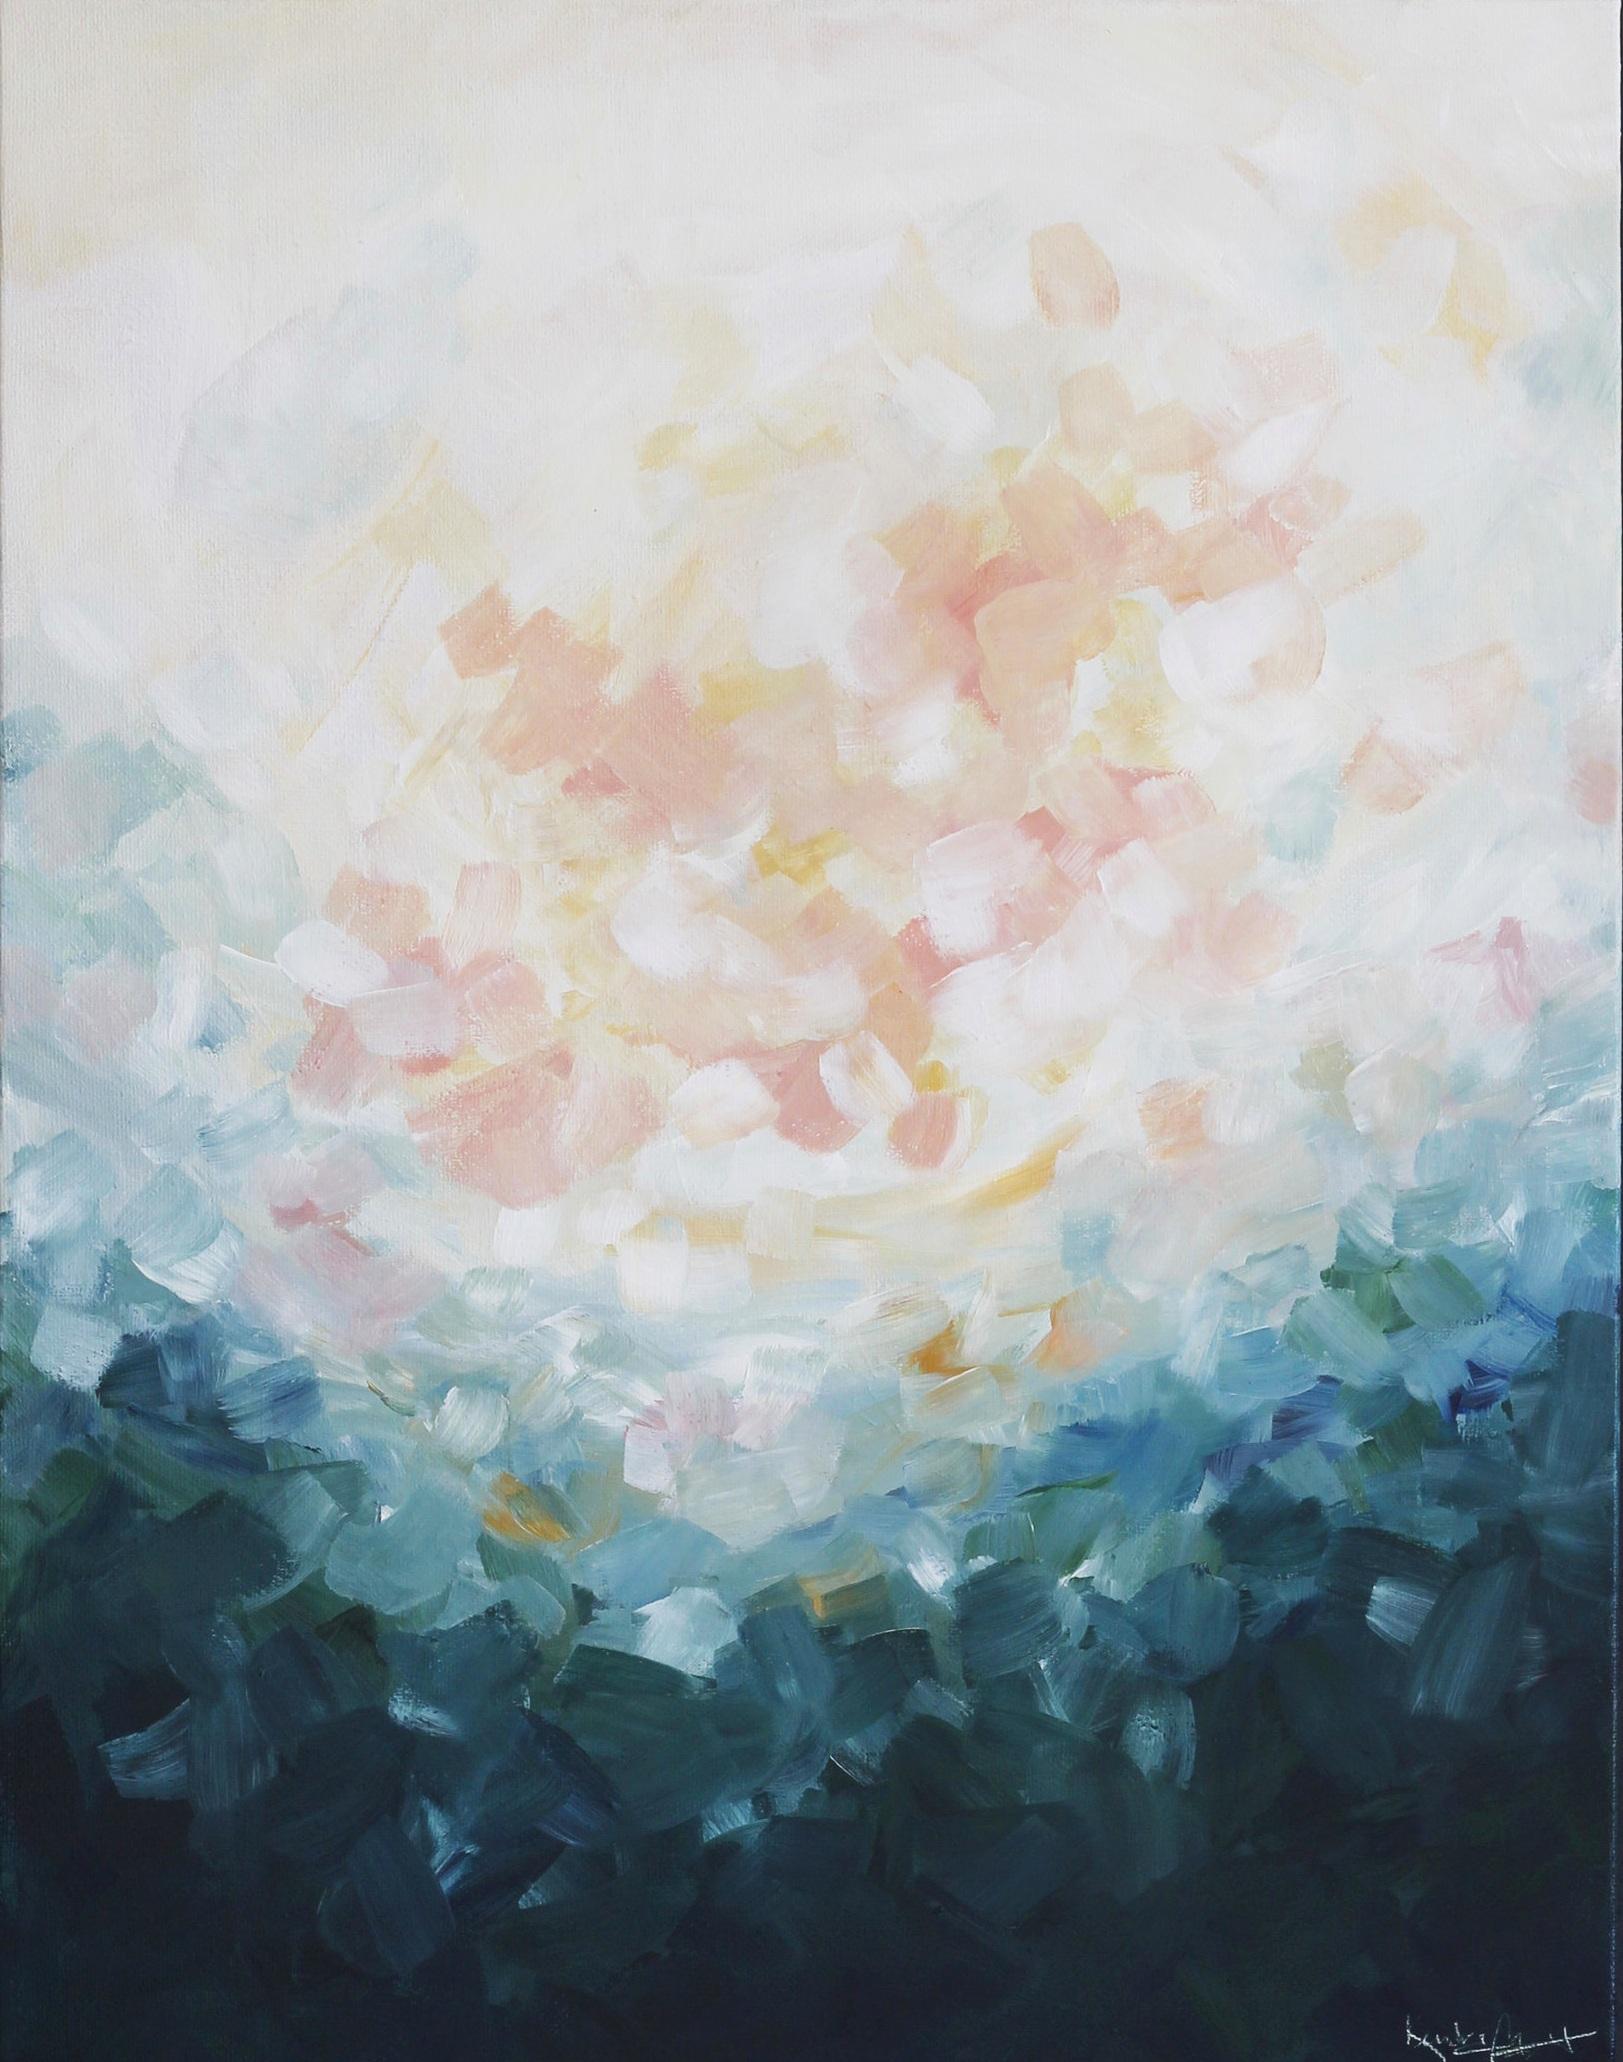 Dusk Till Dawn, 16x20